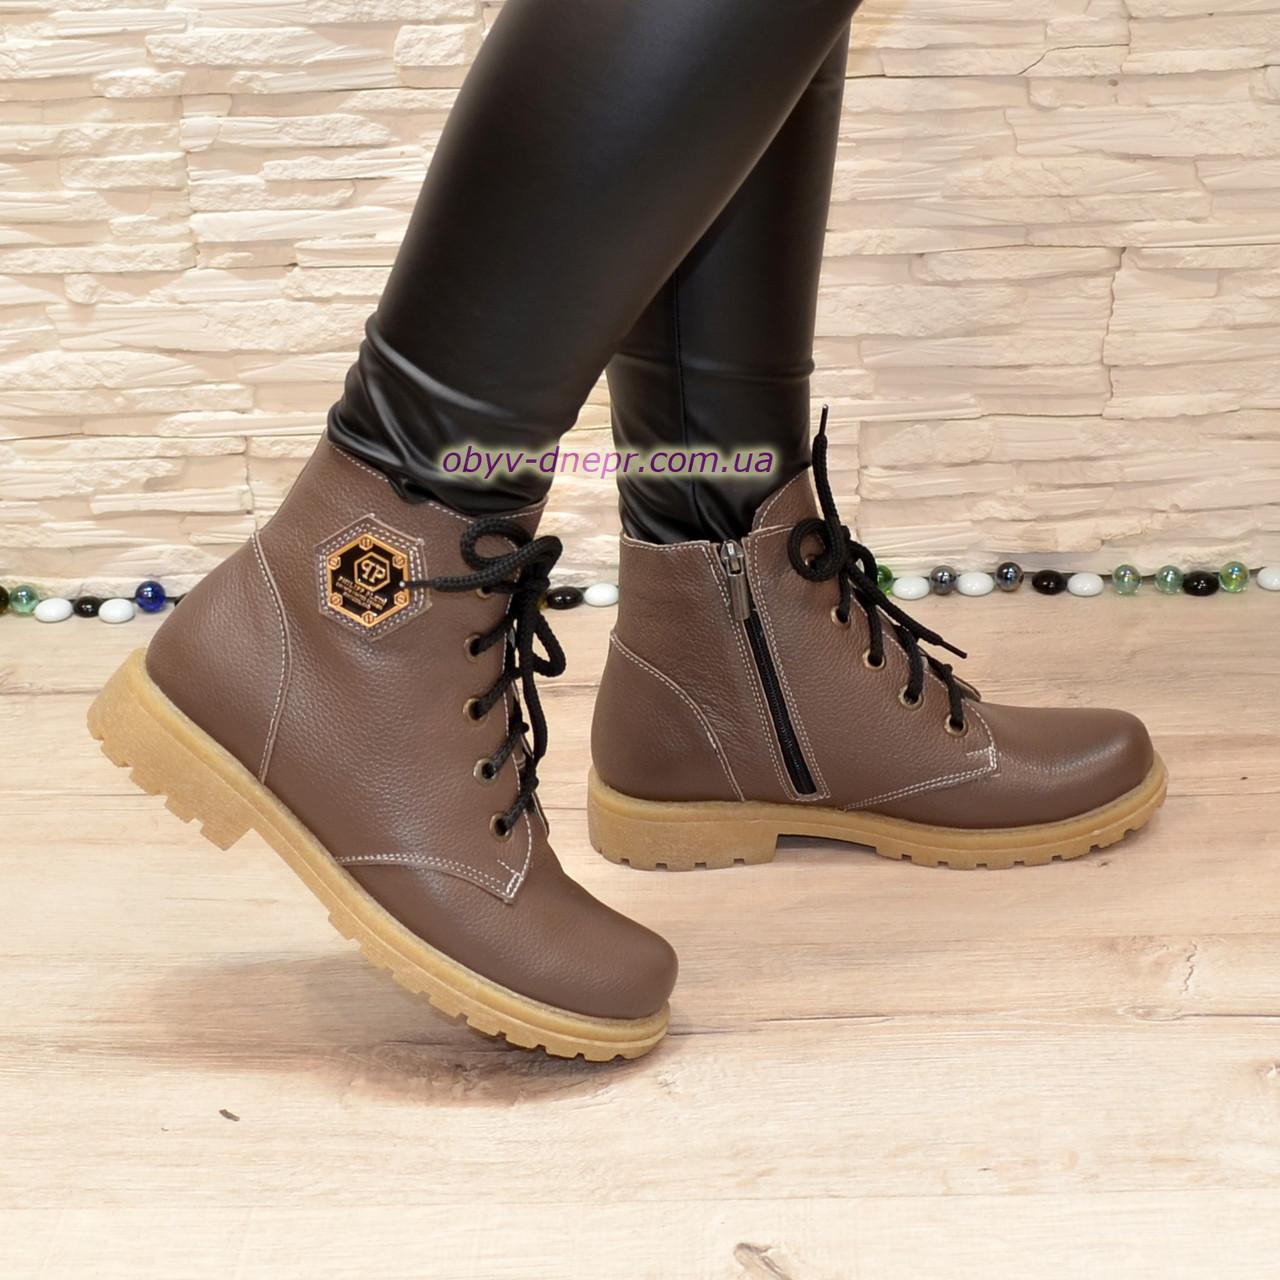 Ботинки женские кожаные демисезонные  на шнурках, цвет визон